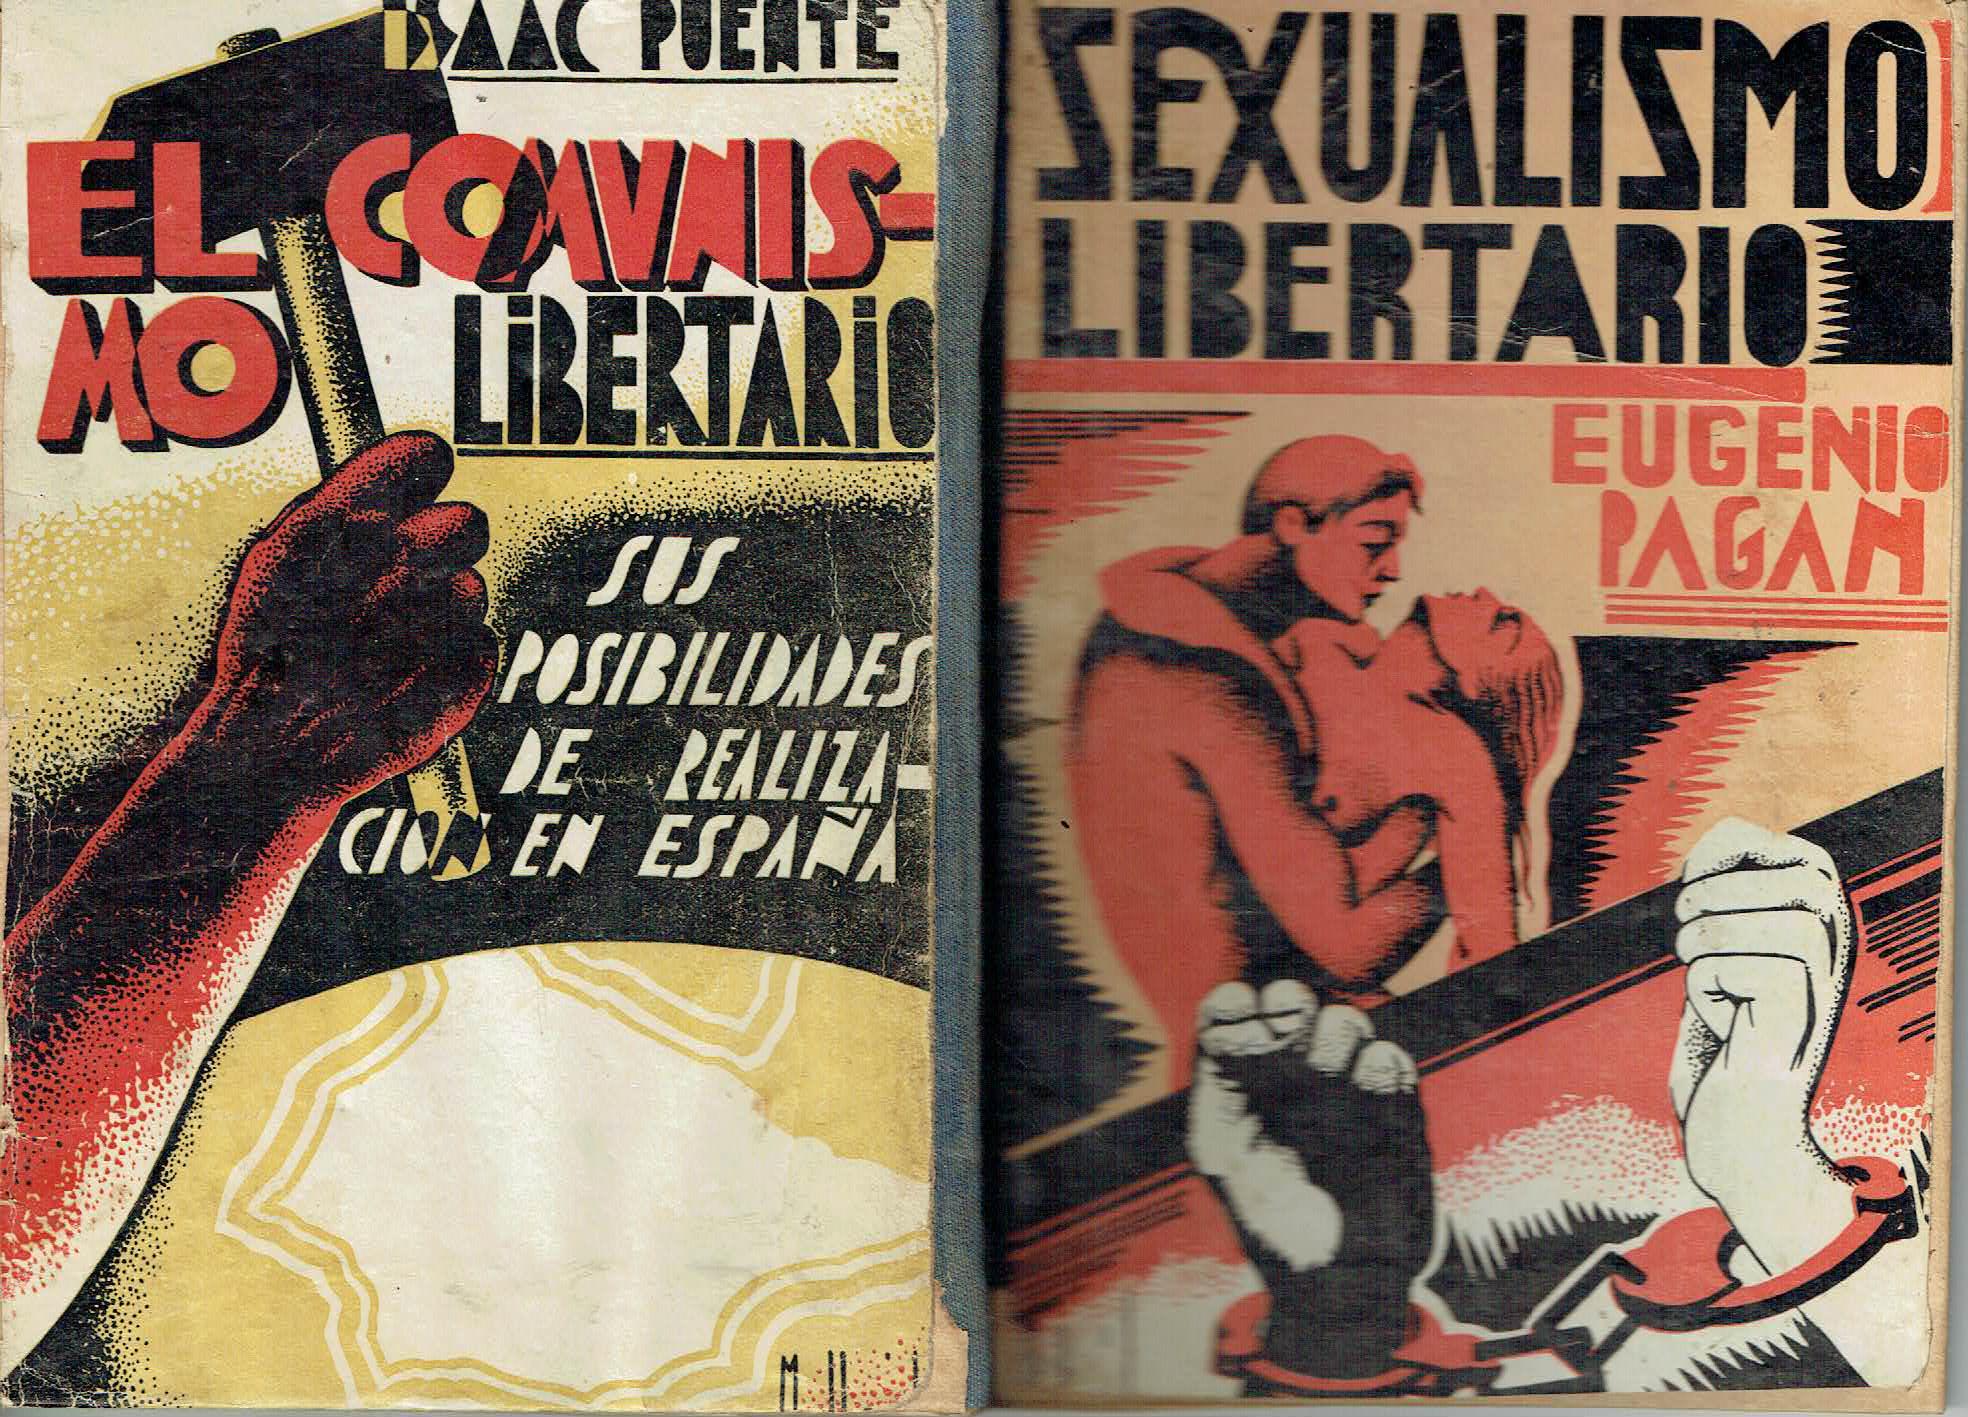 Sexualismo libertario / El comunismo libertario (2 obras en 1 vol.) Amor libre / Sus posibilidades de realizaci�n en Espa�a - Eugenio Pagan / Isaac Puente